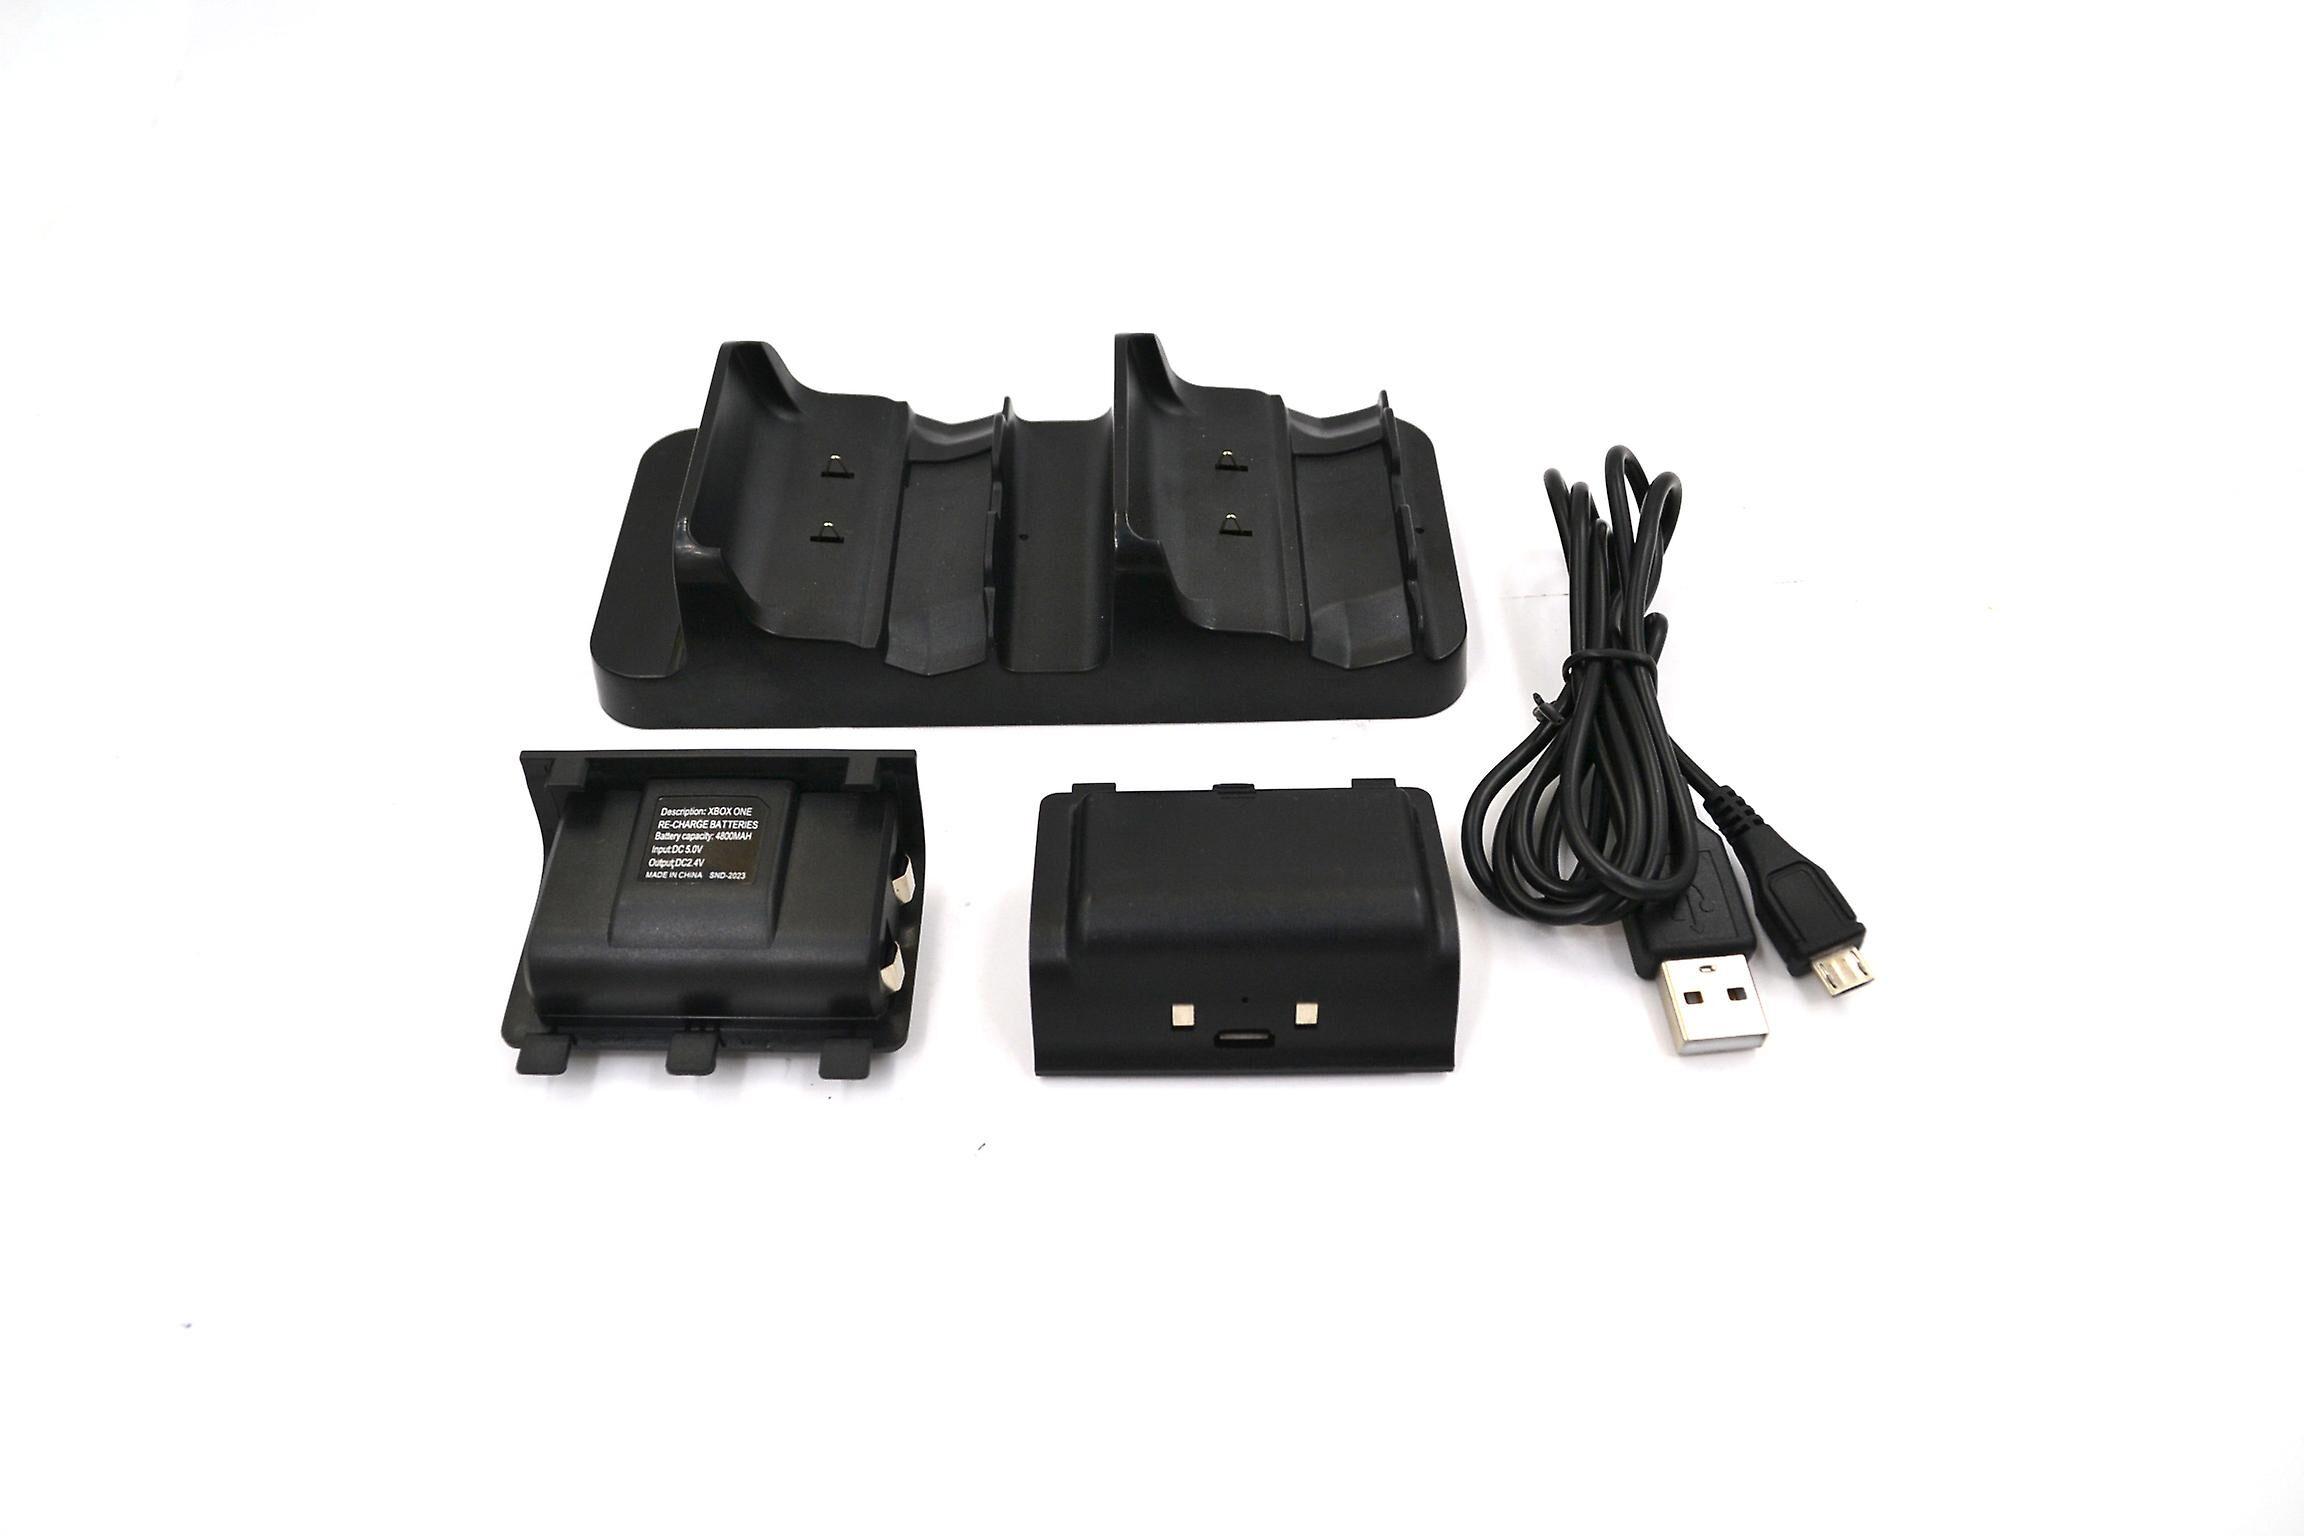 REYTID ladestasjon kompatibel med Xbox ONE S slanke doble trådløse kontrollere-svart-inkluderer 2 x 1200mAh oppladbare batterier-dokking dokk trådl...